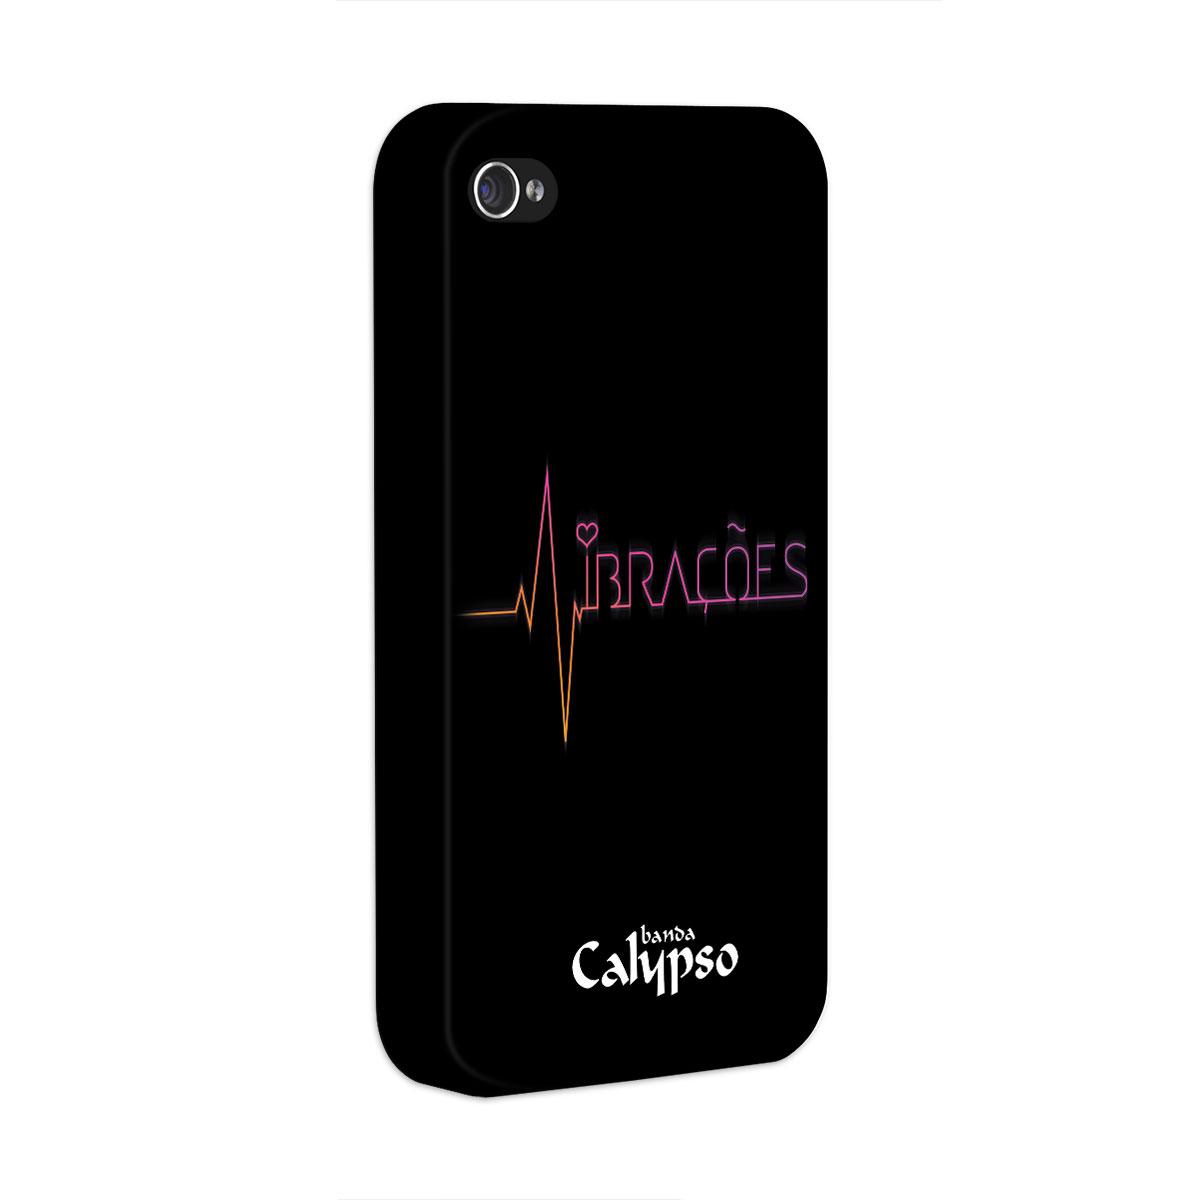 Capa de iPhone 4/4S Calypso Vibrações